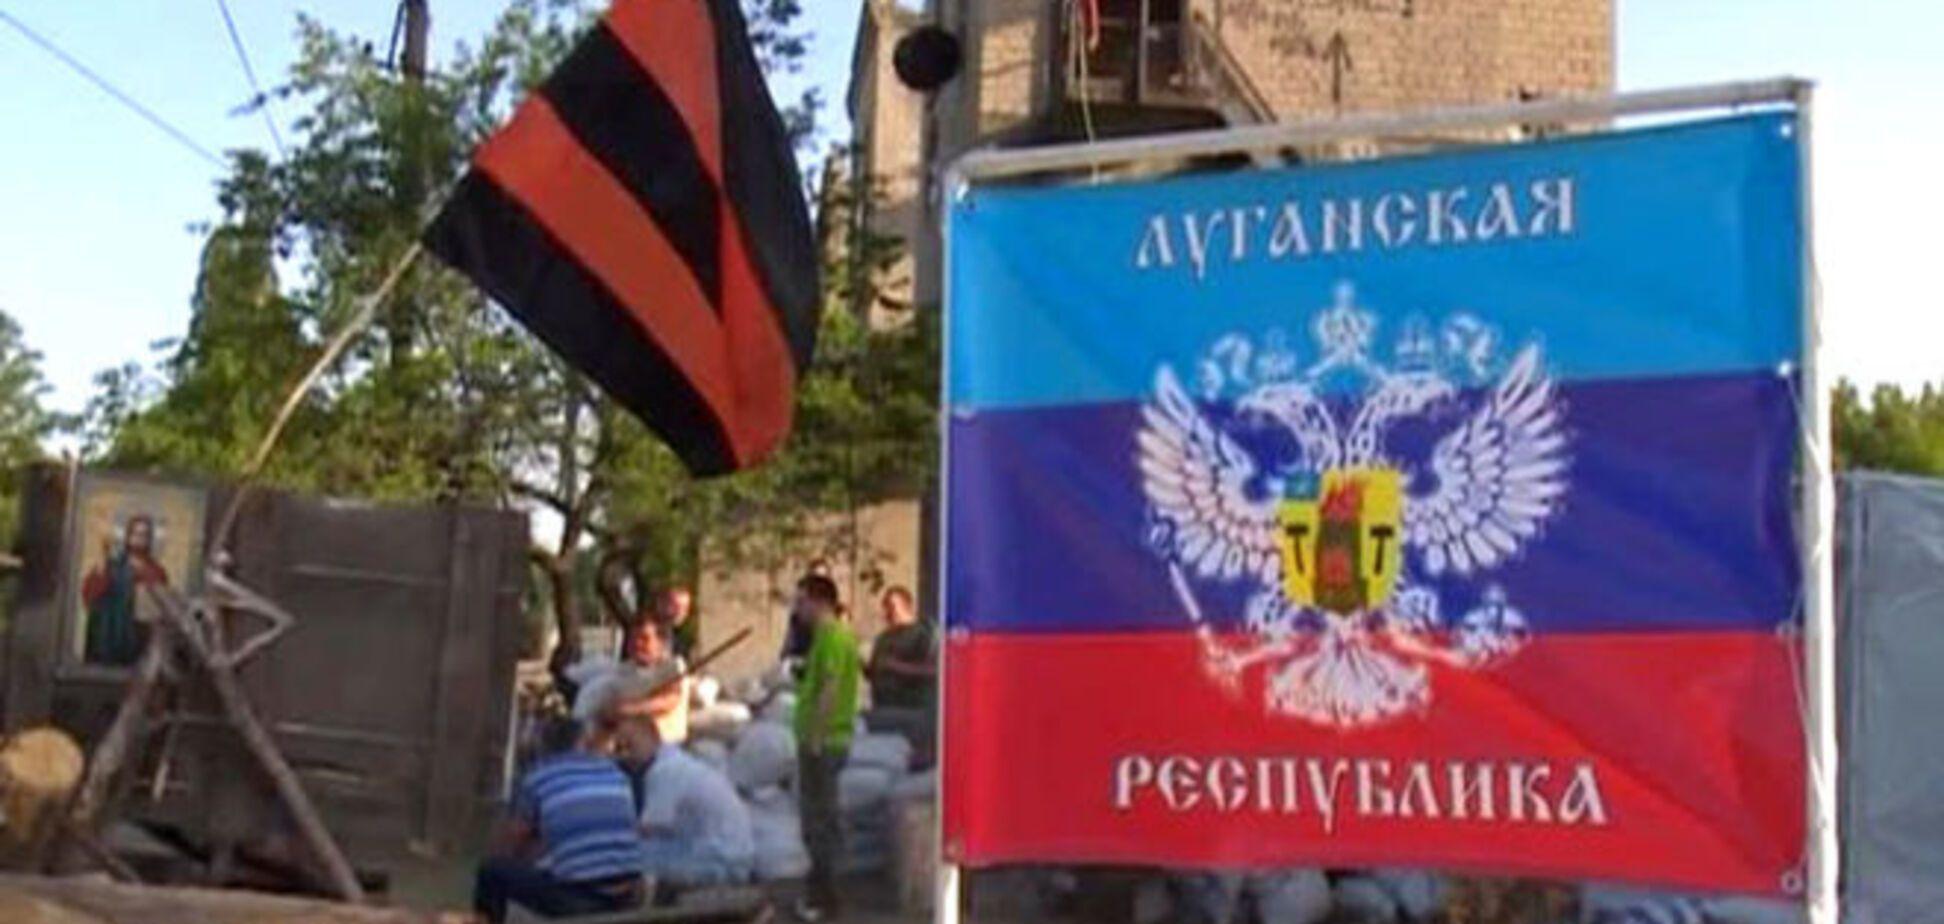 Український патріот 'протролив' сепаратистів 'ЛНР' в прямому ефірі: аудіо